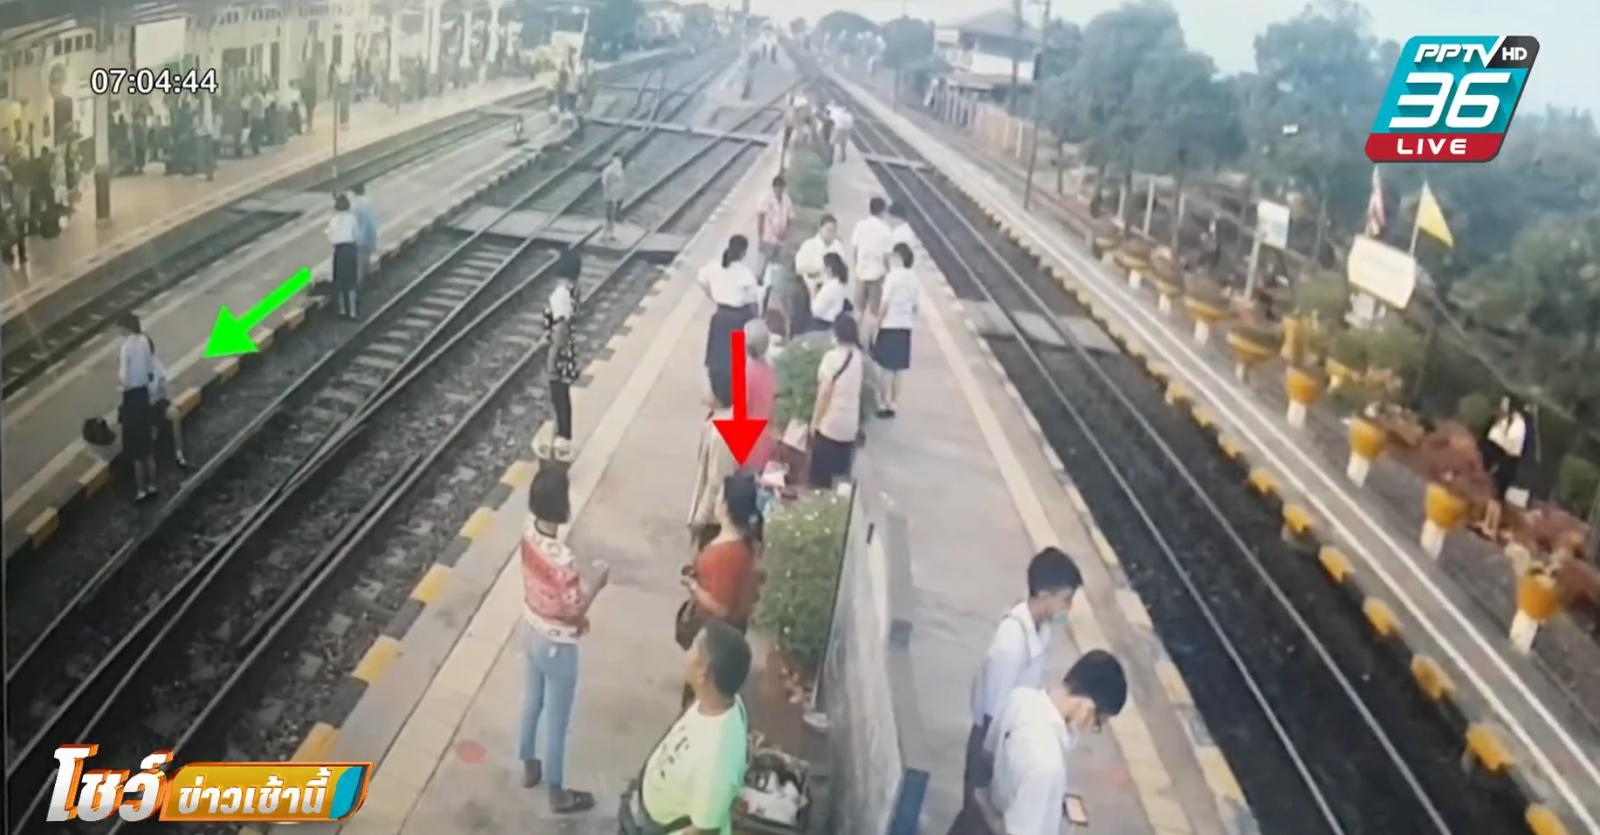 นักเรียนหญิง ถูกตบกลางสถานีรถไฟ เหตุไม่ยืนเคารพเพลงชาติ